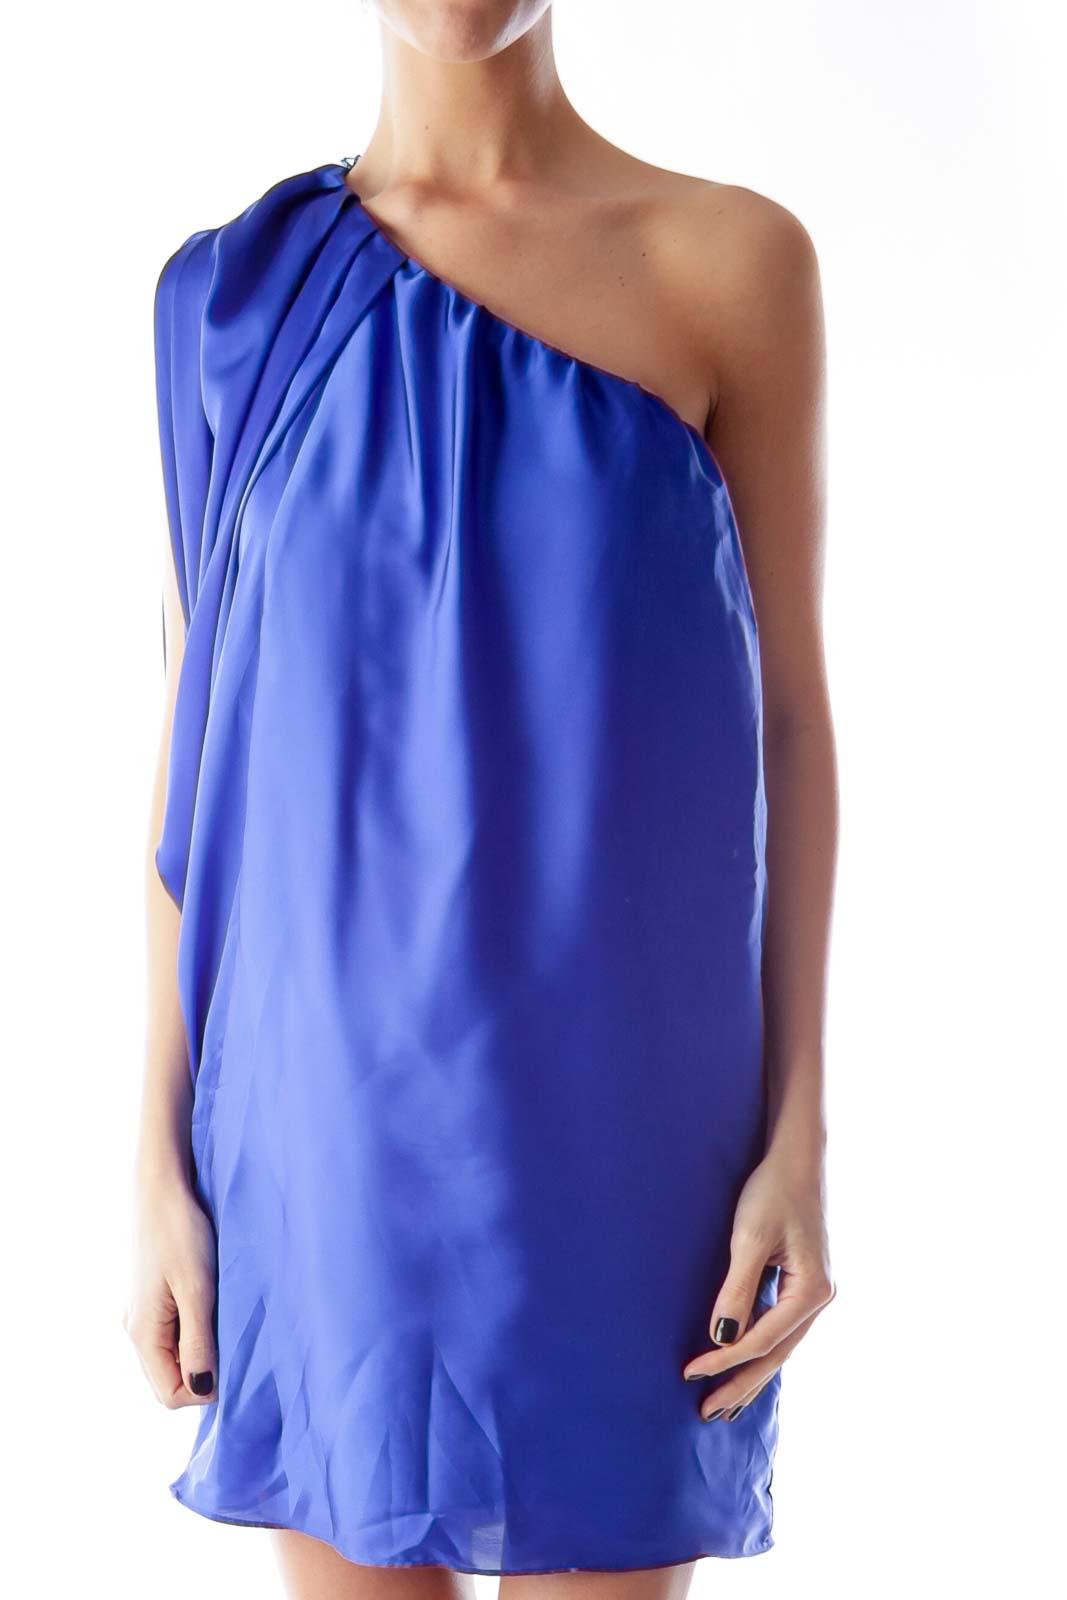 Blue One Shoulder Satin Dress